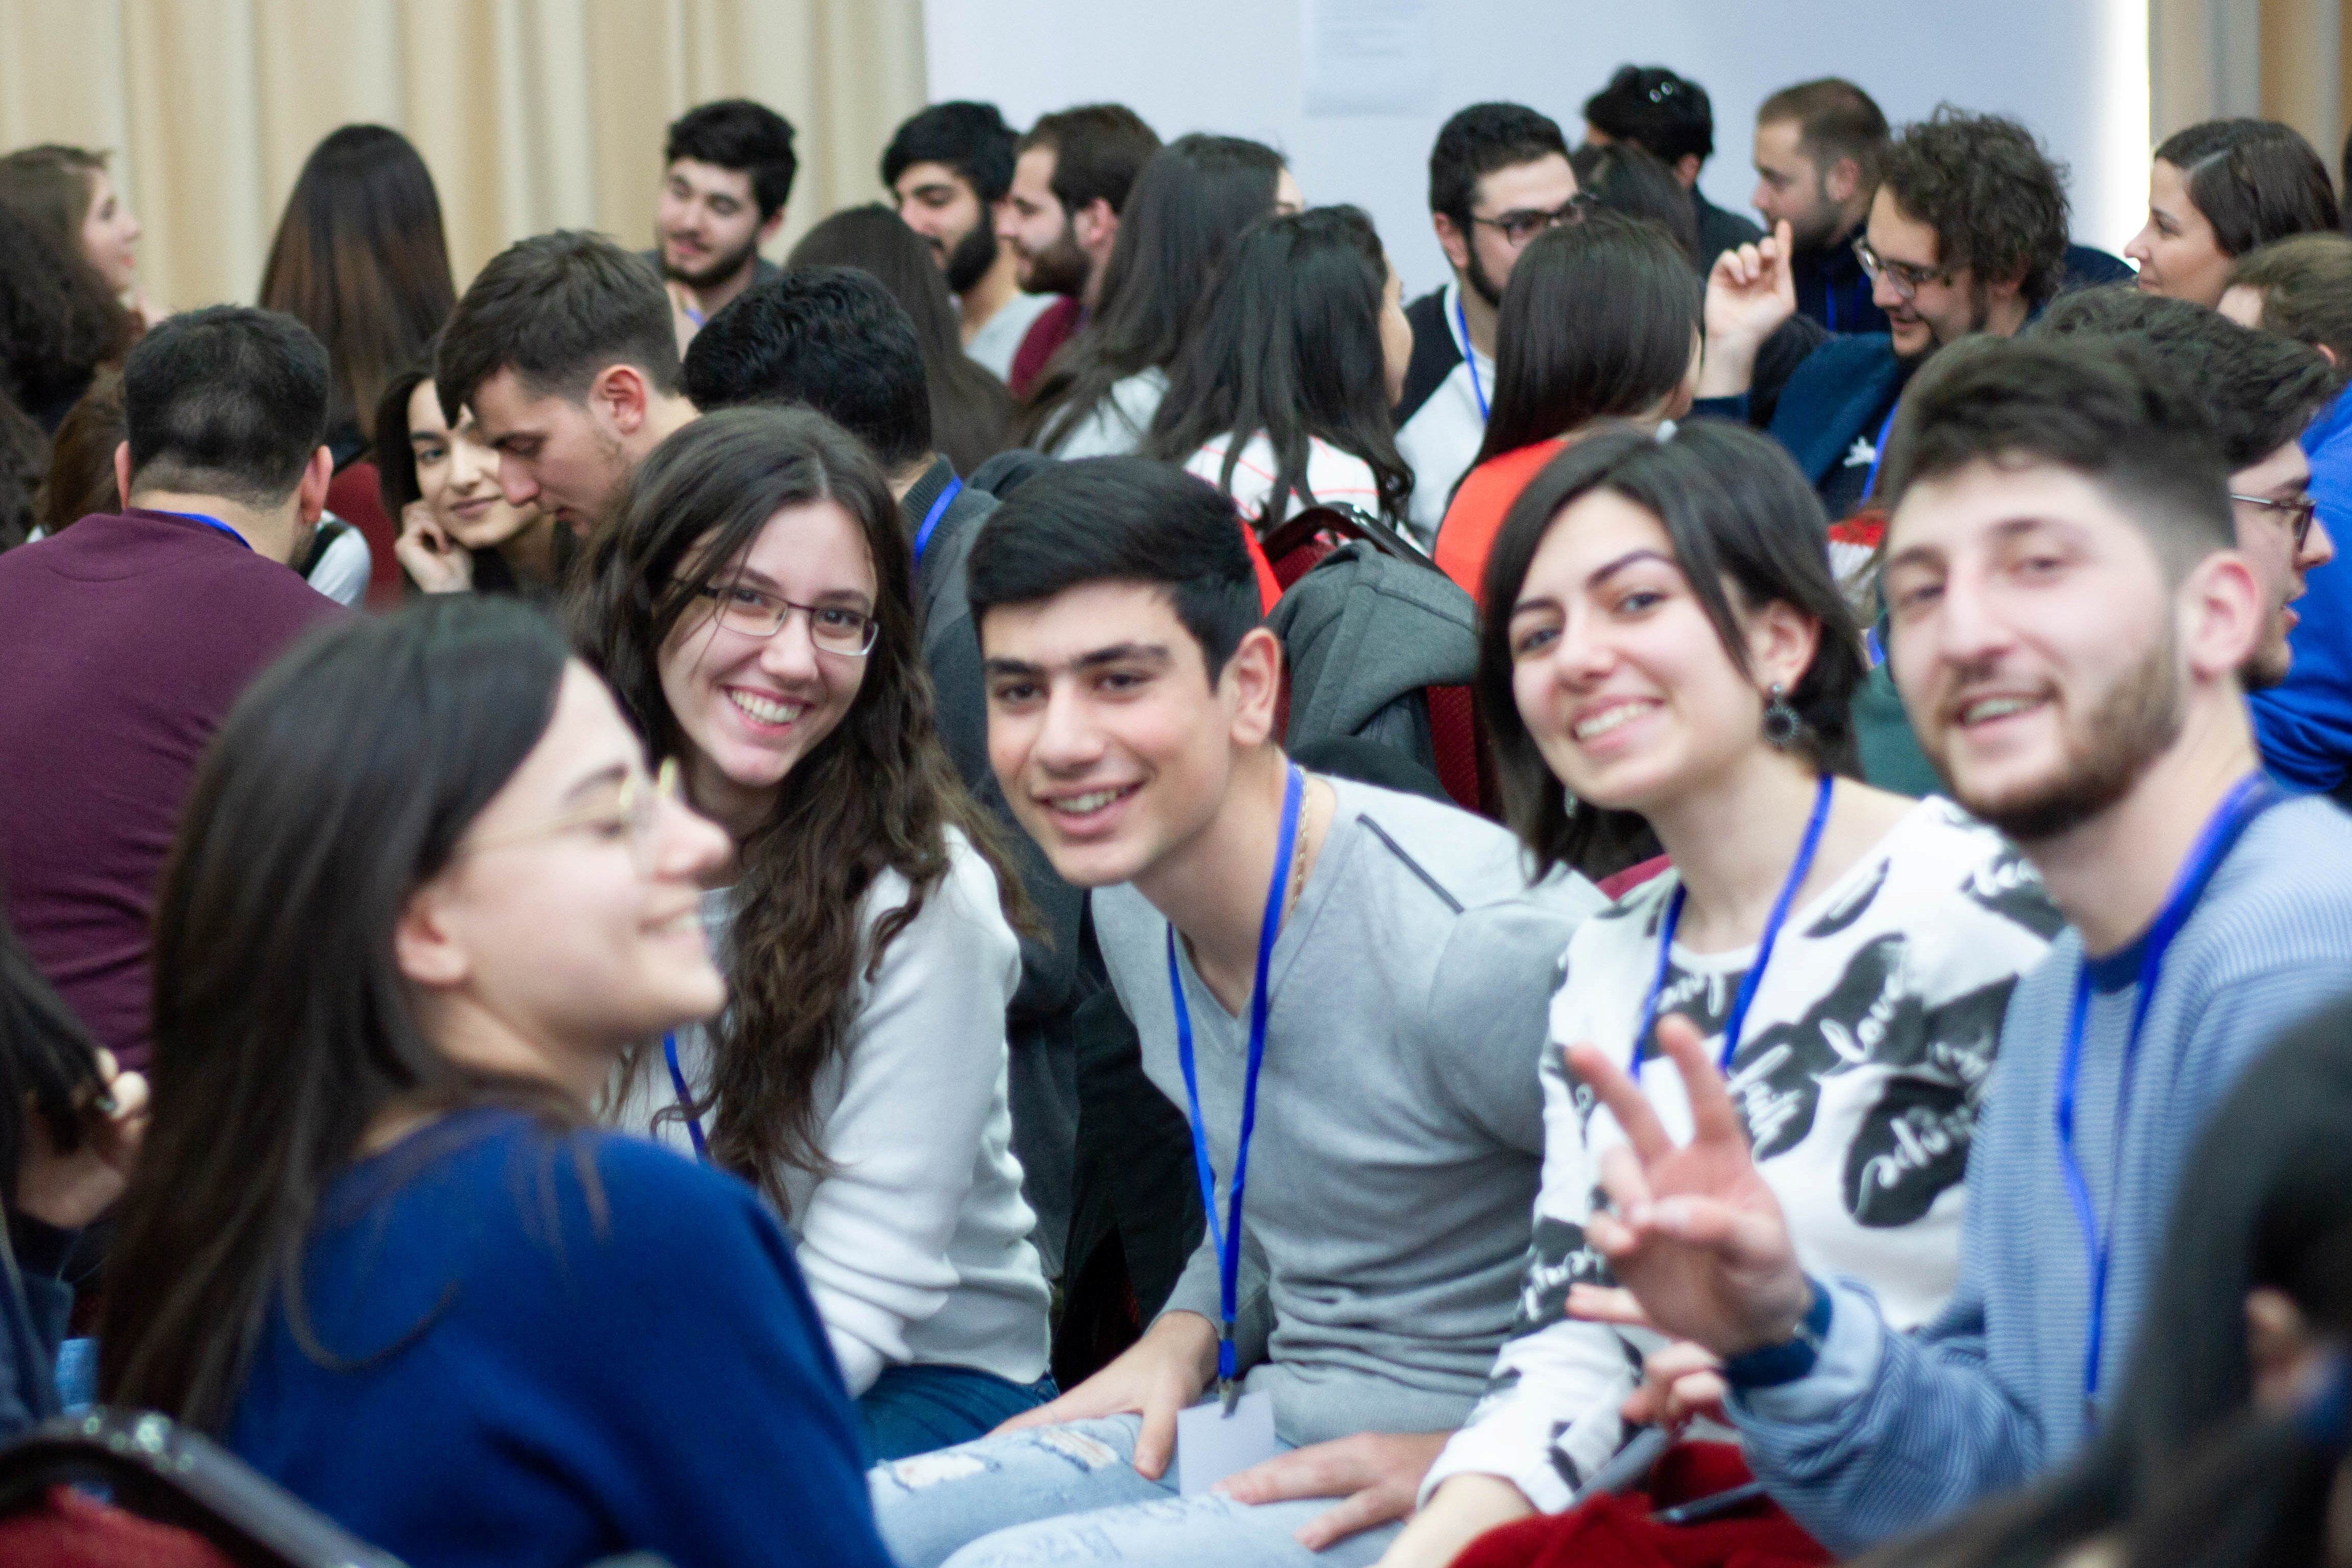 «ԱՅՍԵԿ-Հայաստան»-ը մեկնարկել է հայ երիտասարդների շրջանում առաջնորդությունը զարգացնելուն ուղղված եռօրյա սեմինար